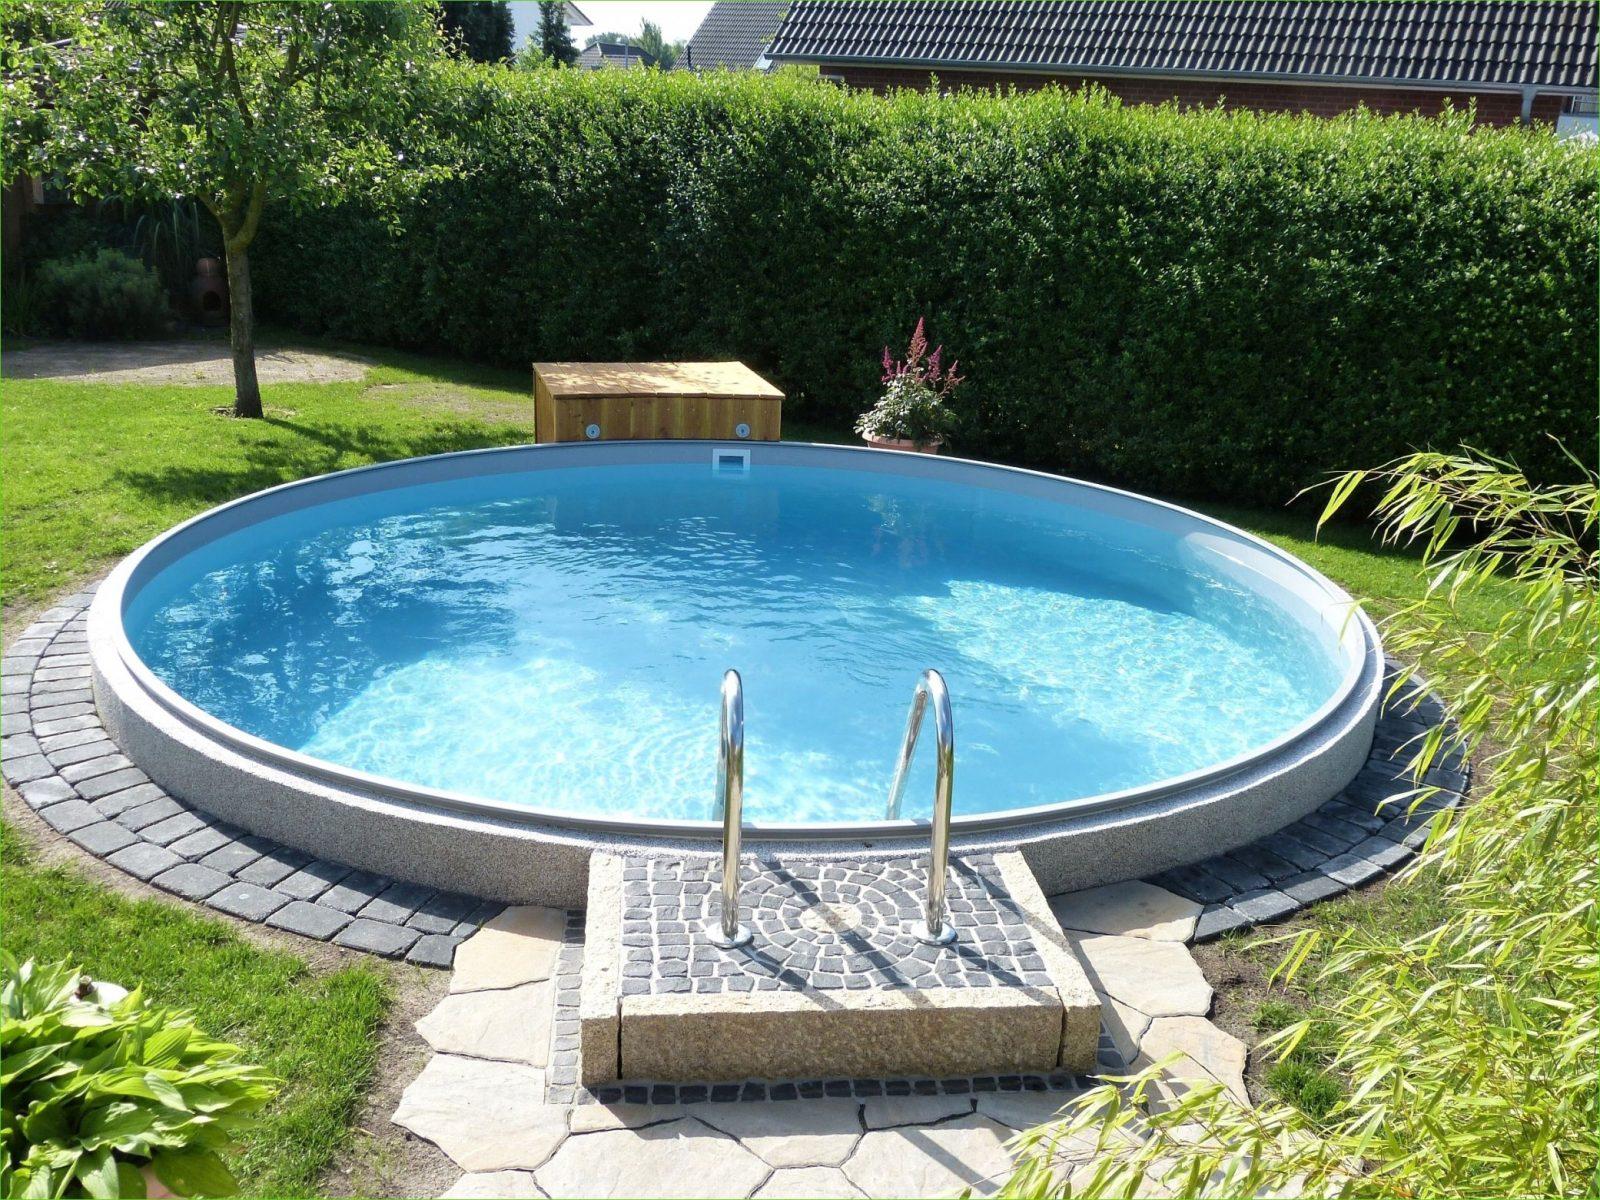 Pool Im Garten Integrieren Style  Almo Drg von Pool Im Garten Integrieren Bild